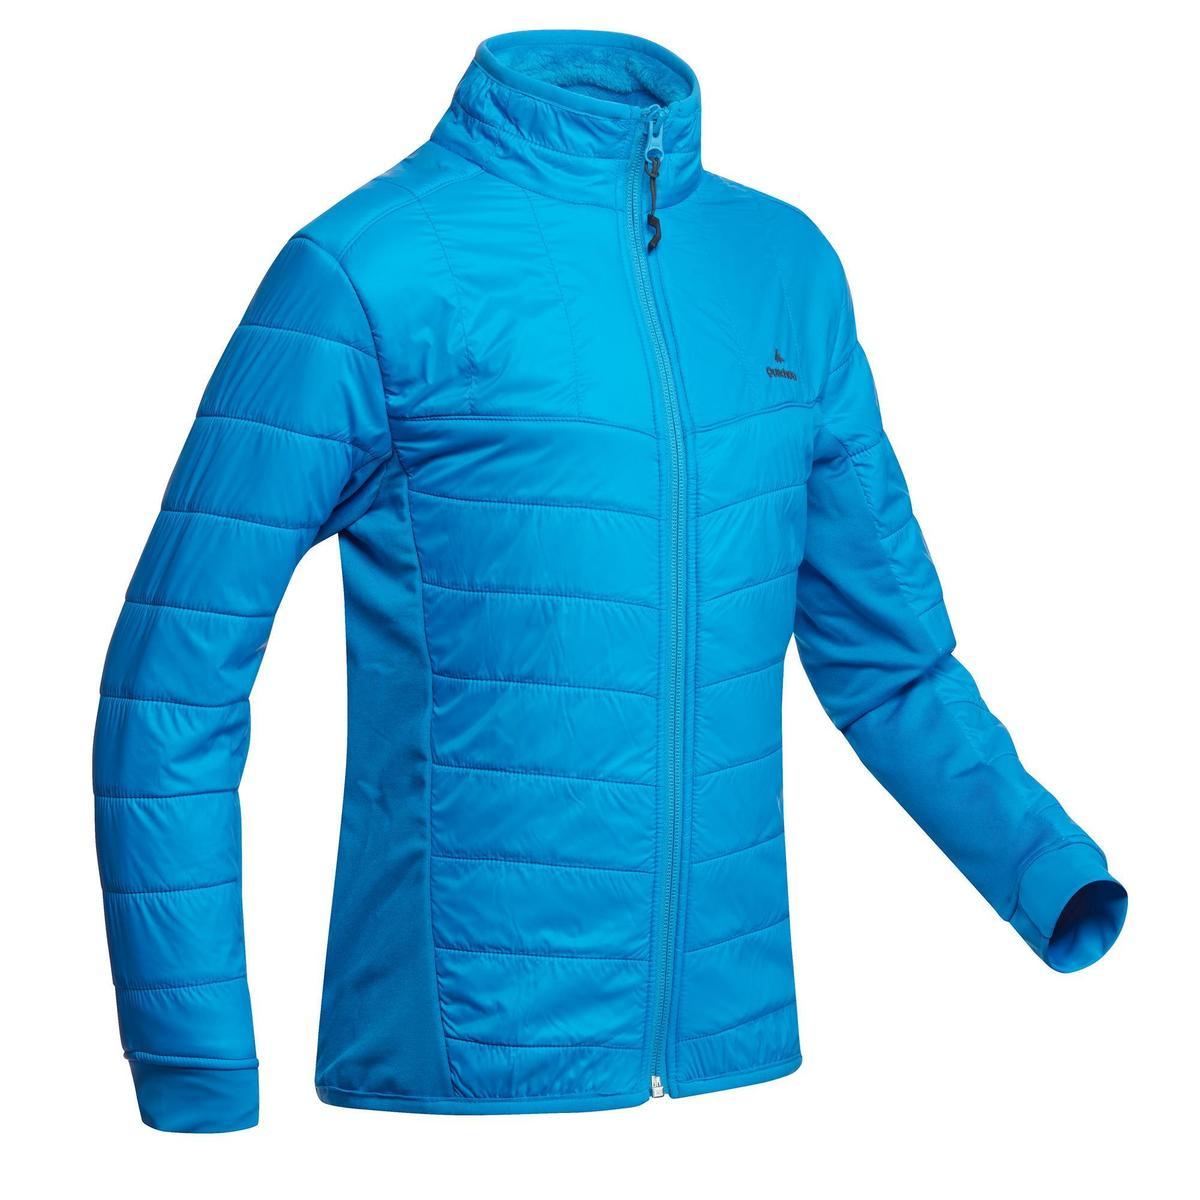 Bild 1 von Hybridjacke Winterwandern SH500 X-Warm Kinder blau